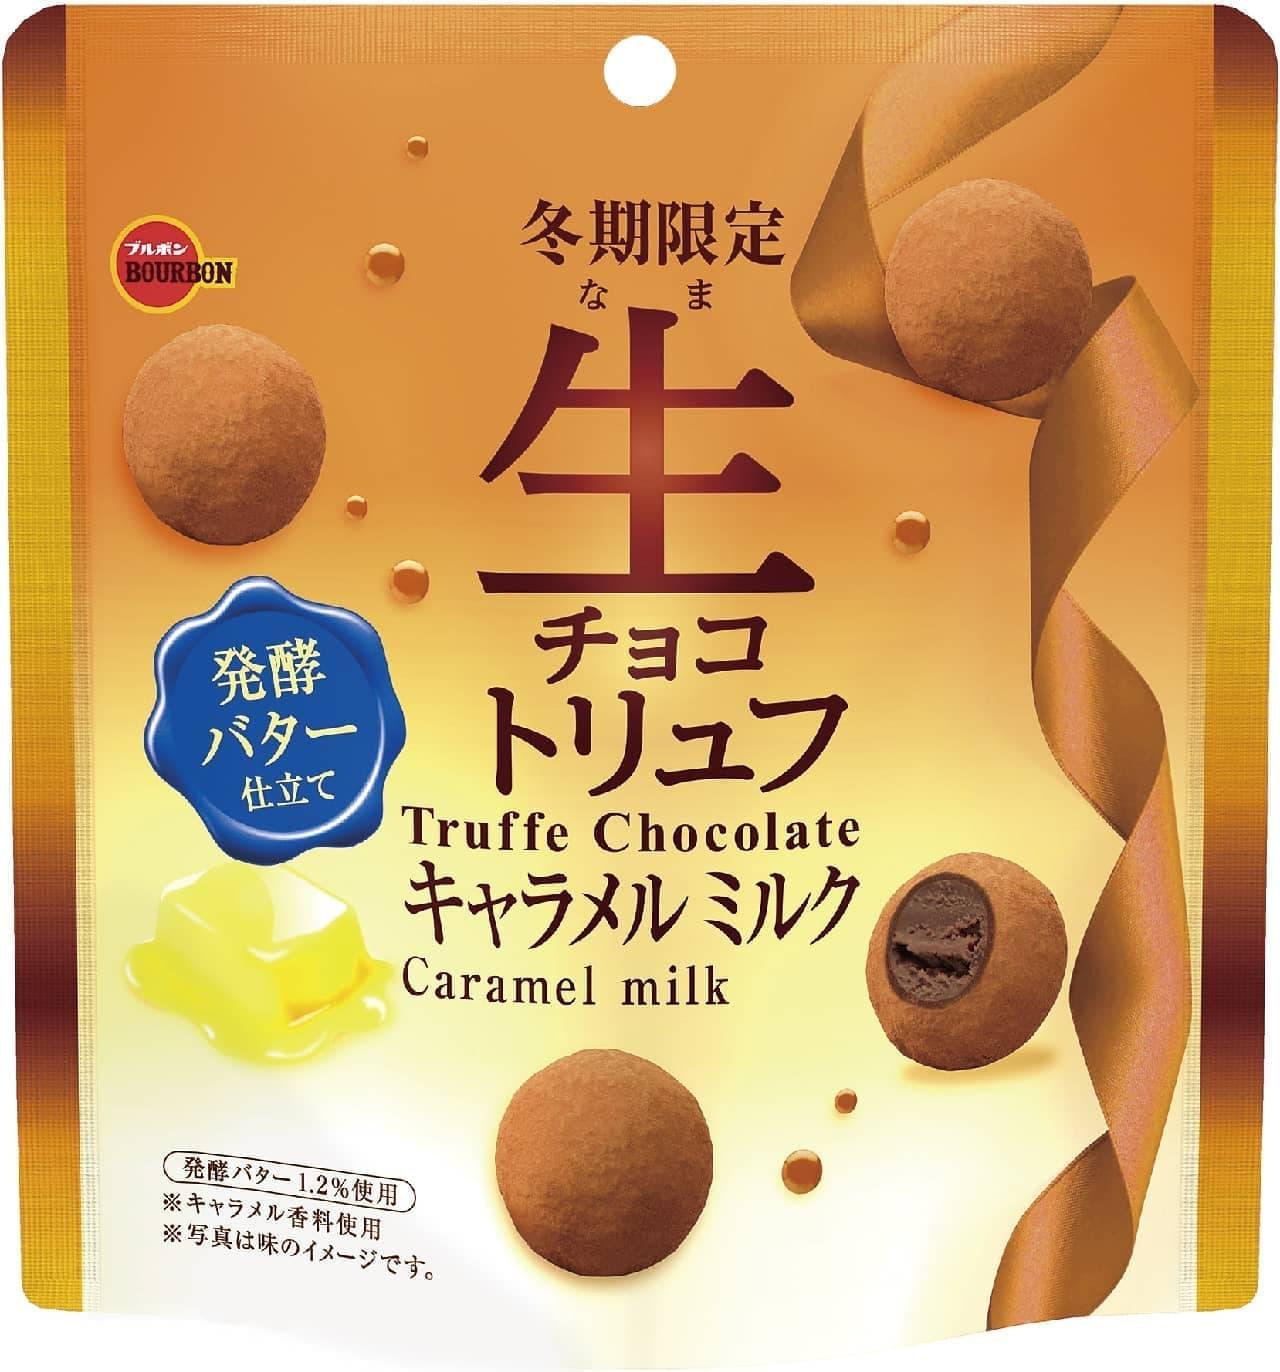 ブルボン「生チョコトリュフキャラメルミルク」